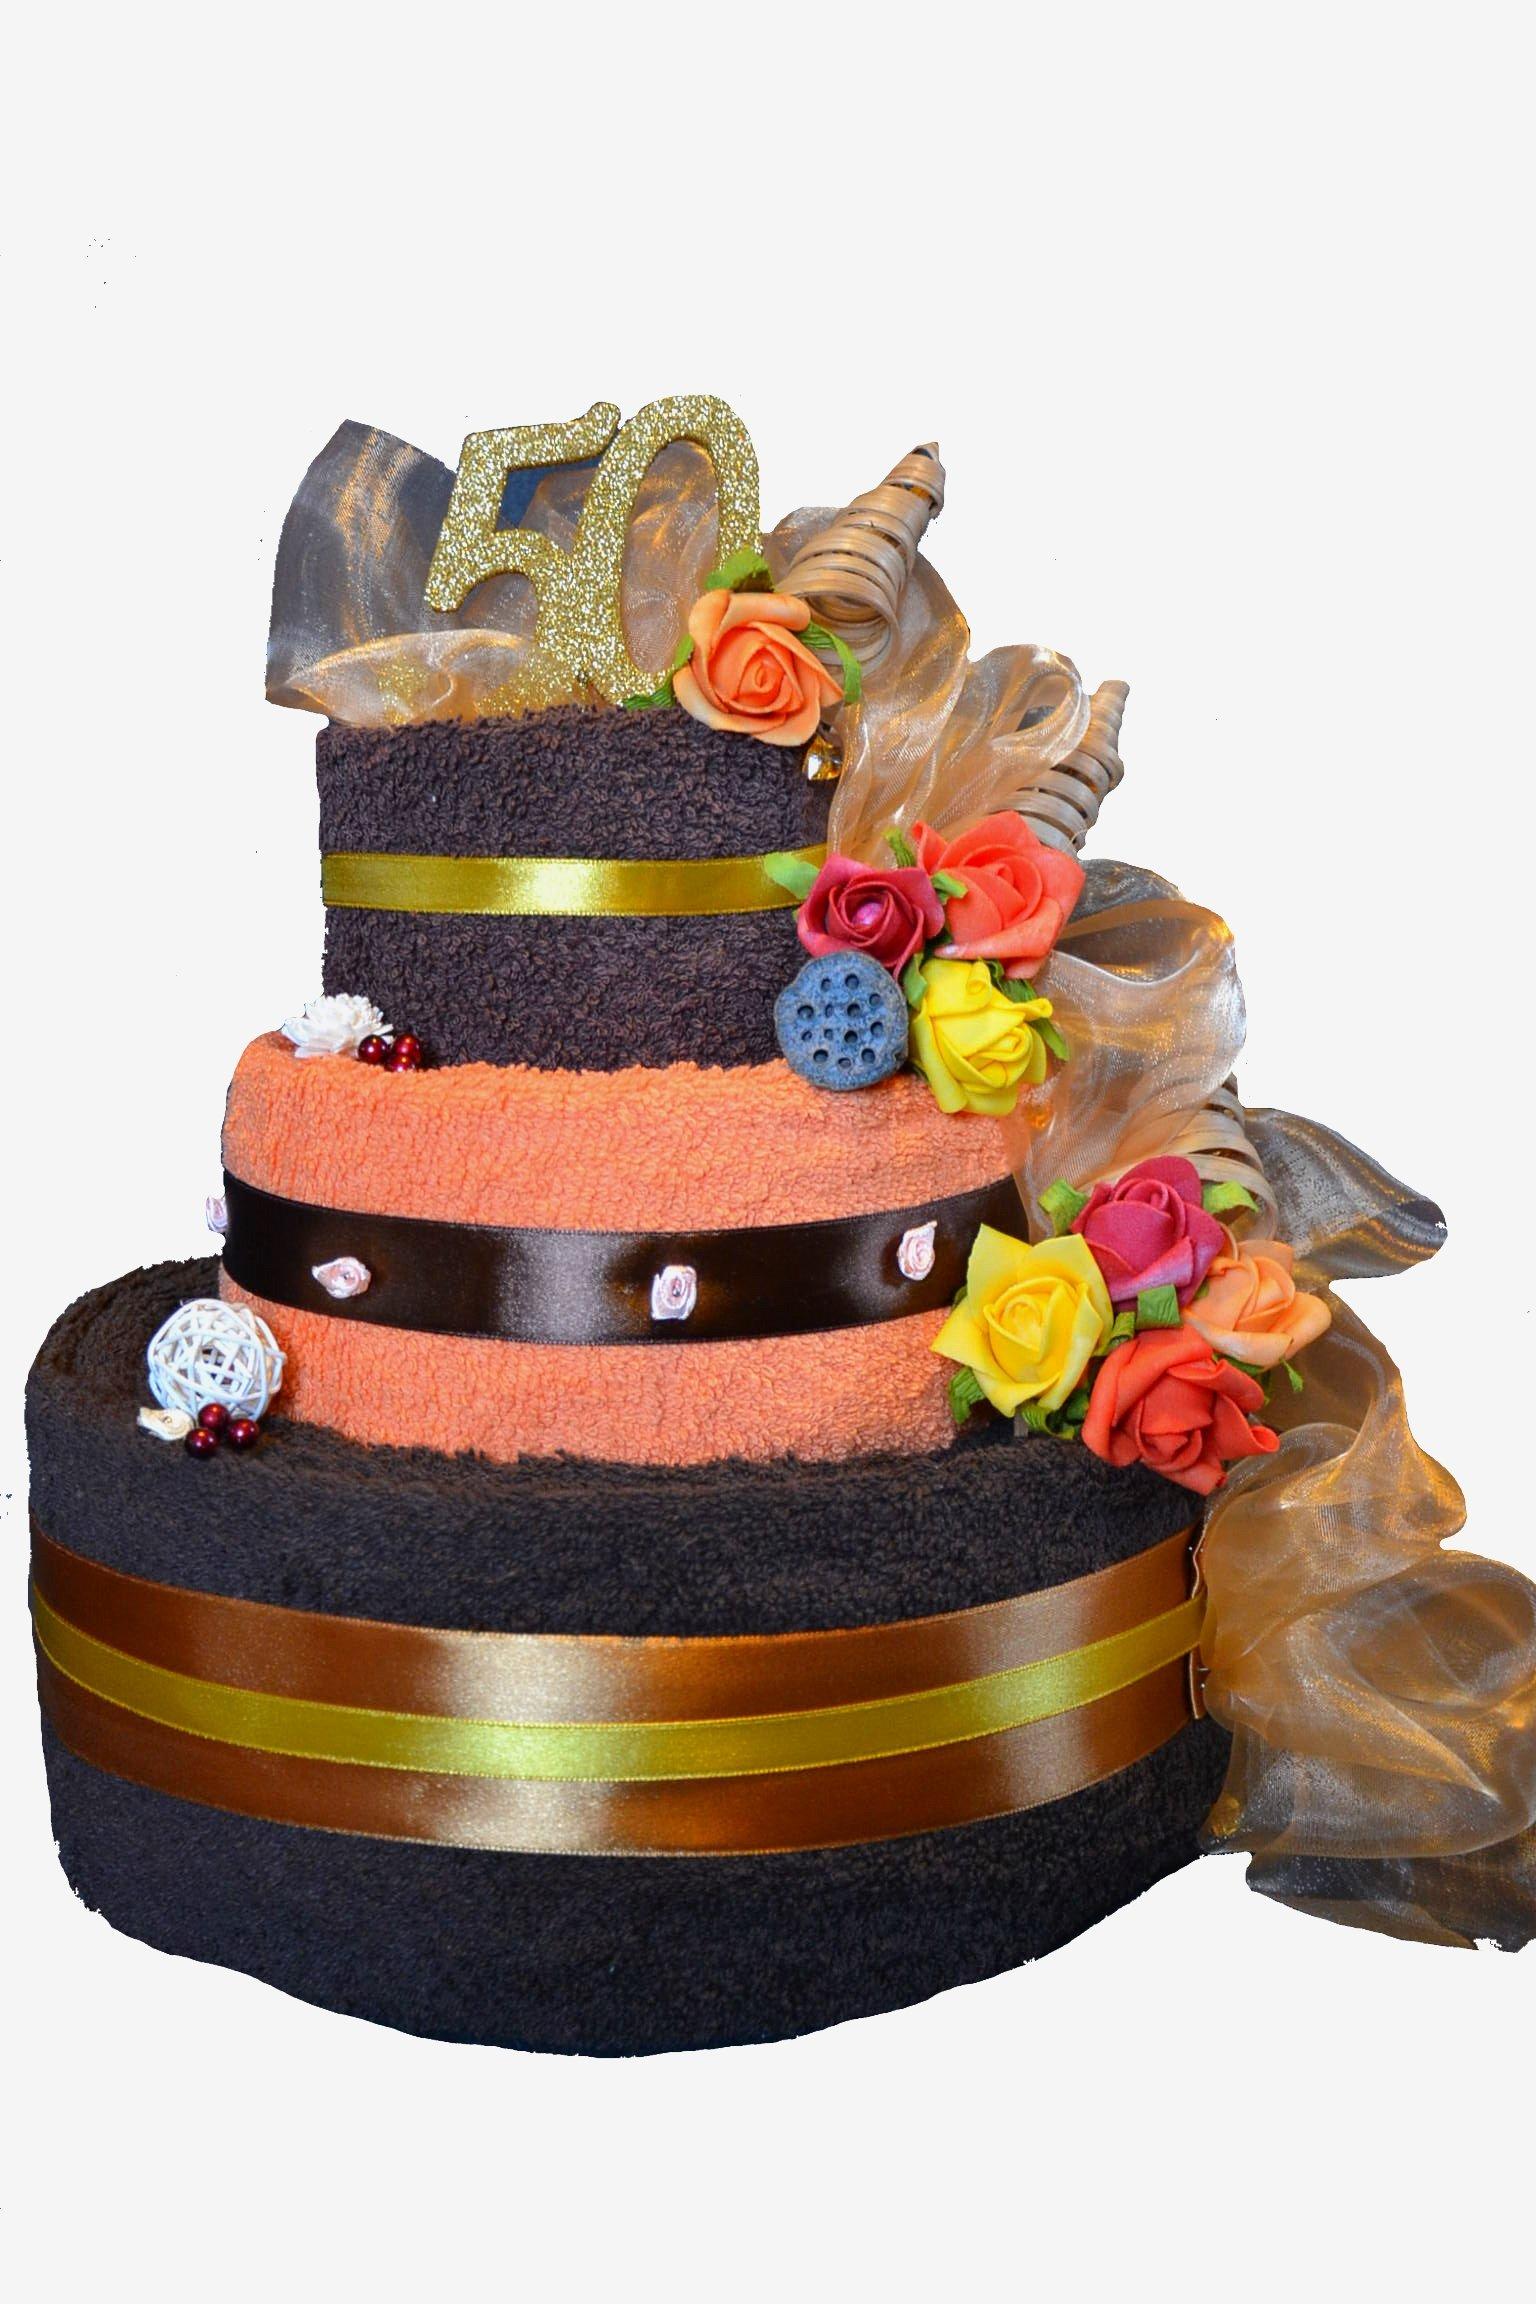 большой торт из четырех полотенец на подарок свадьбу